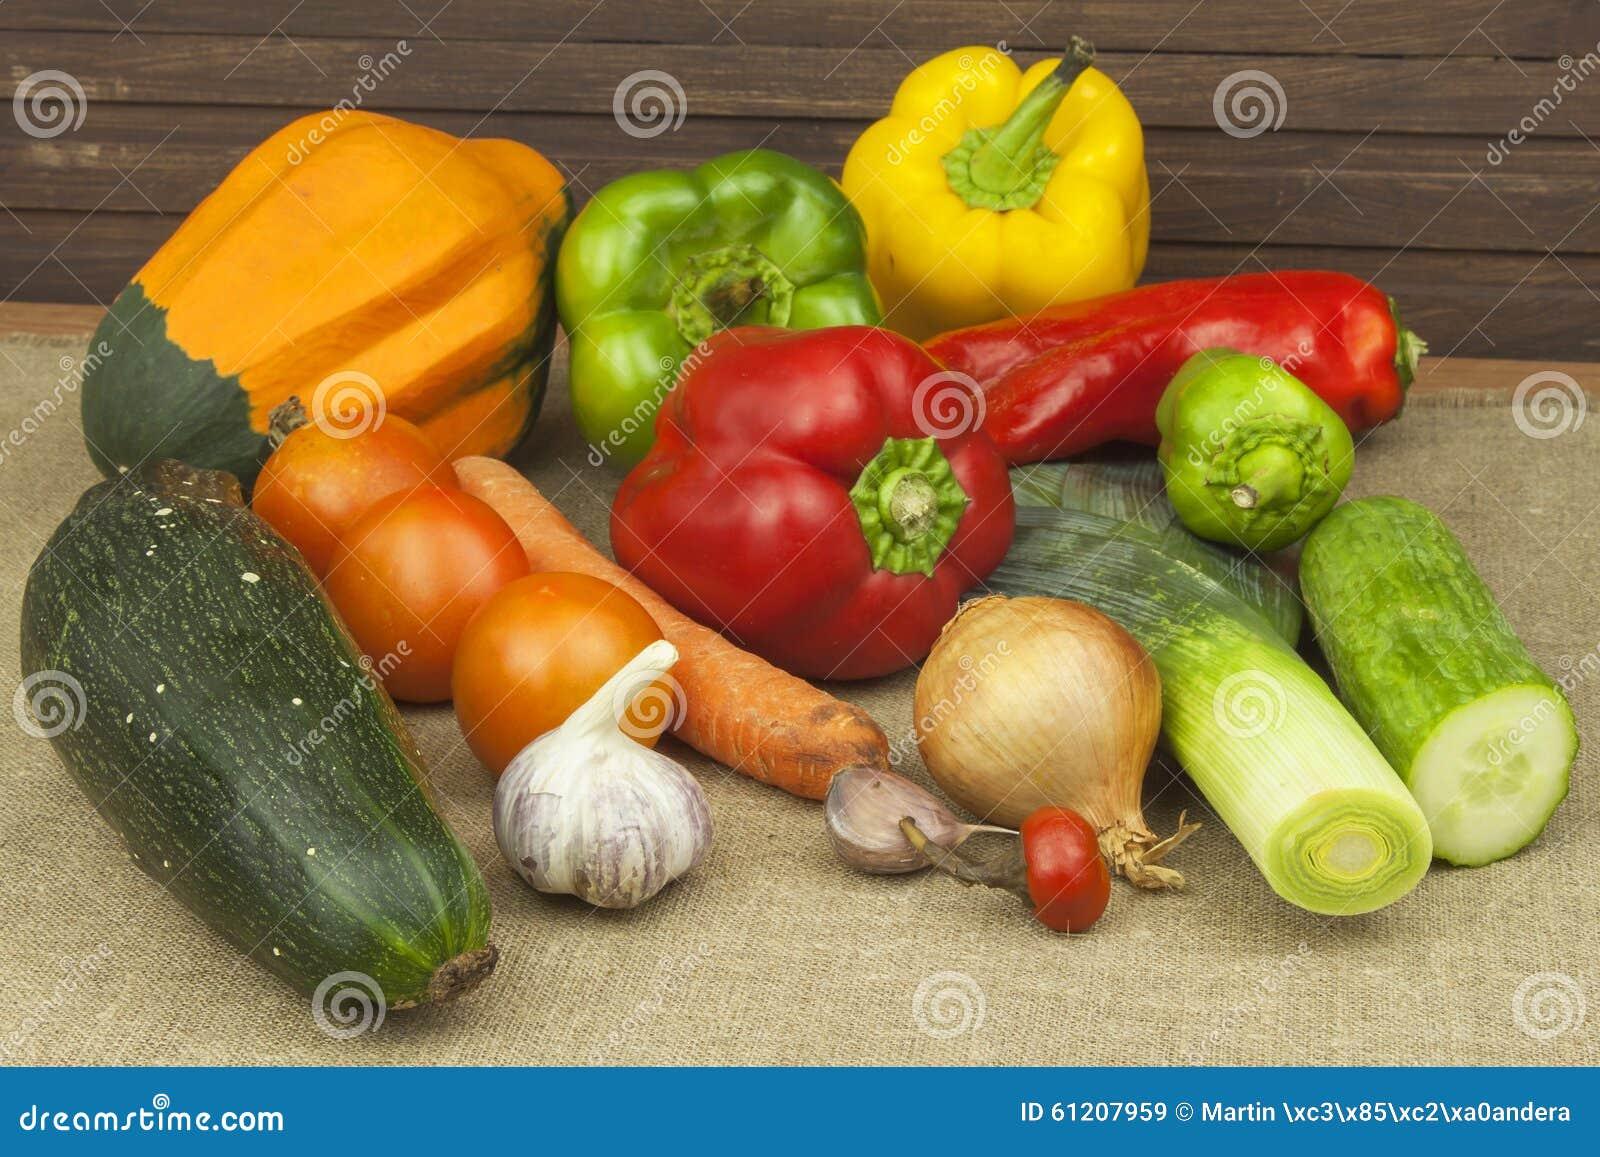 Cocinar verduras para dieta